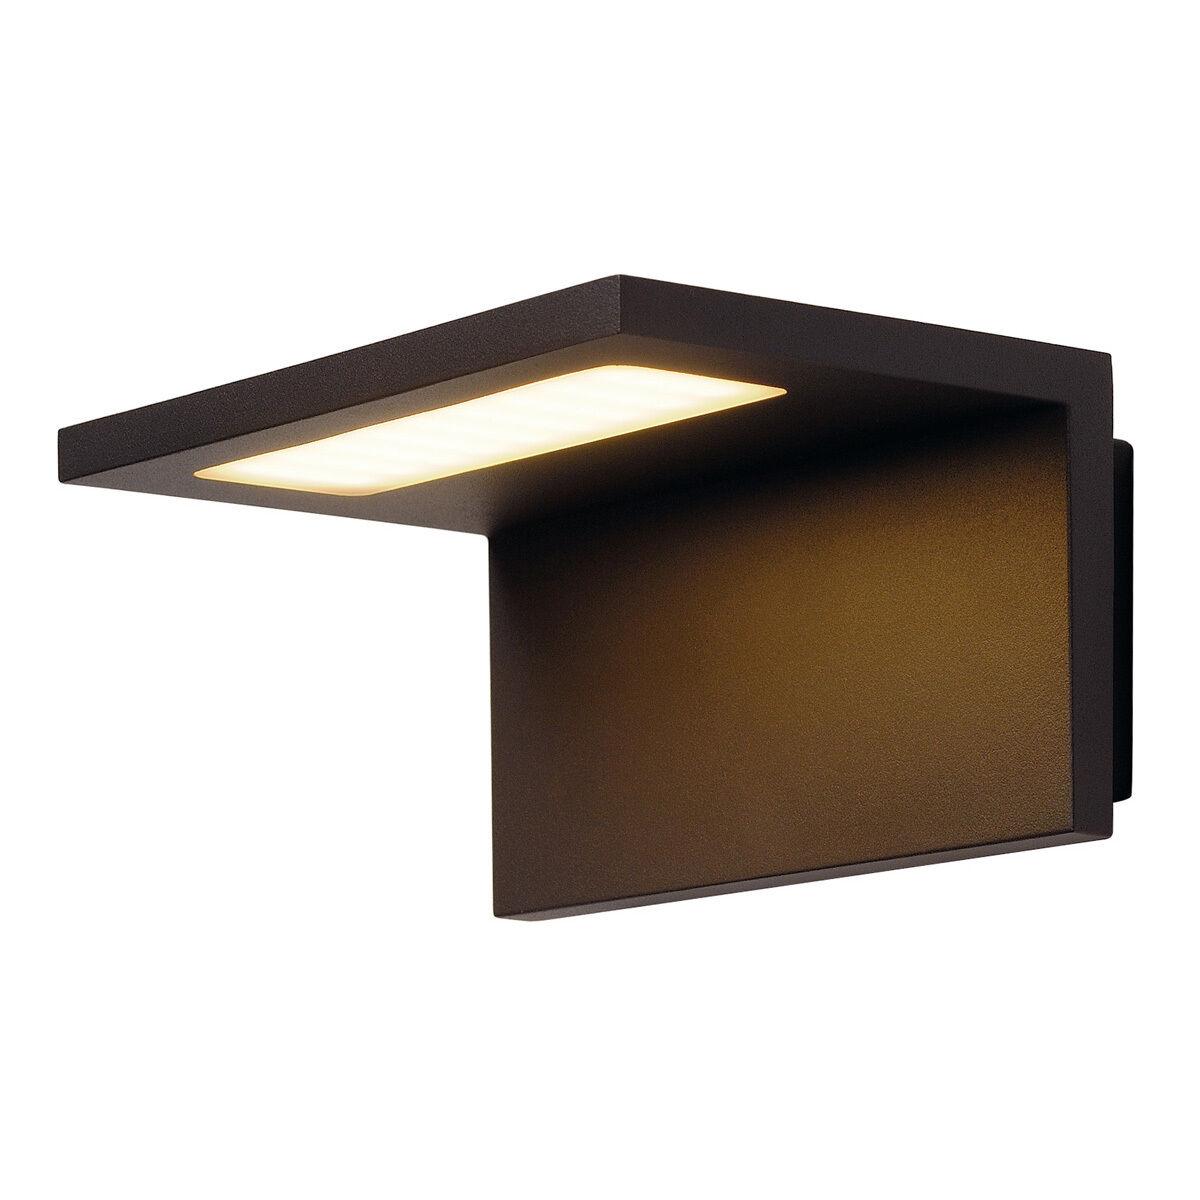 FARETTO ESTERNO IP44 angolux Muro Luce, Antracite, 36 SMD LED, 3000K, IP44